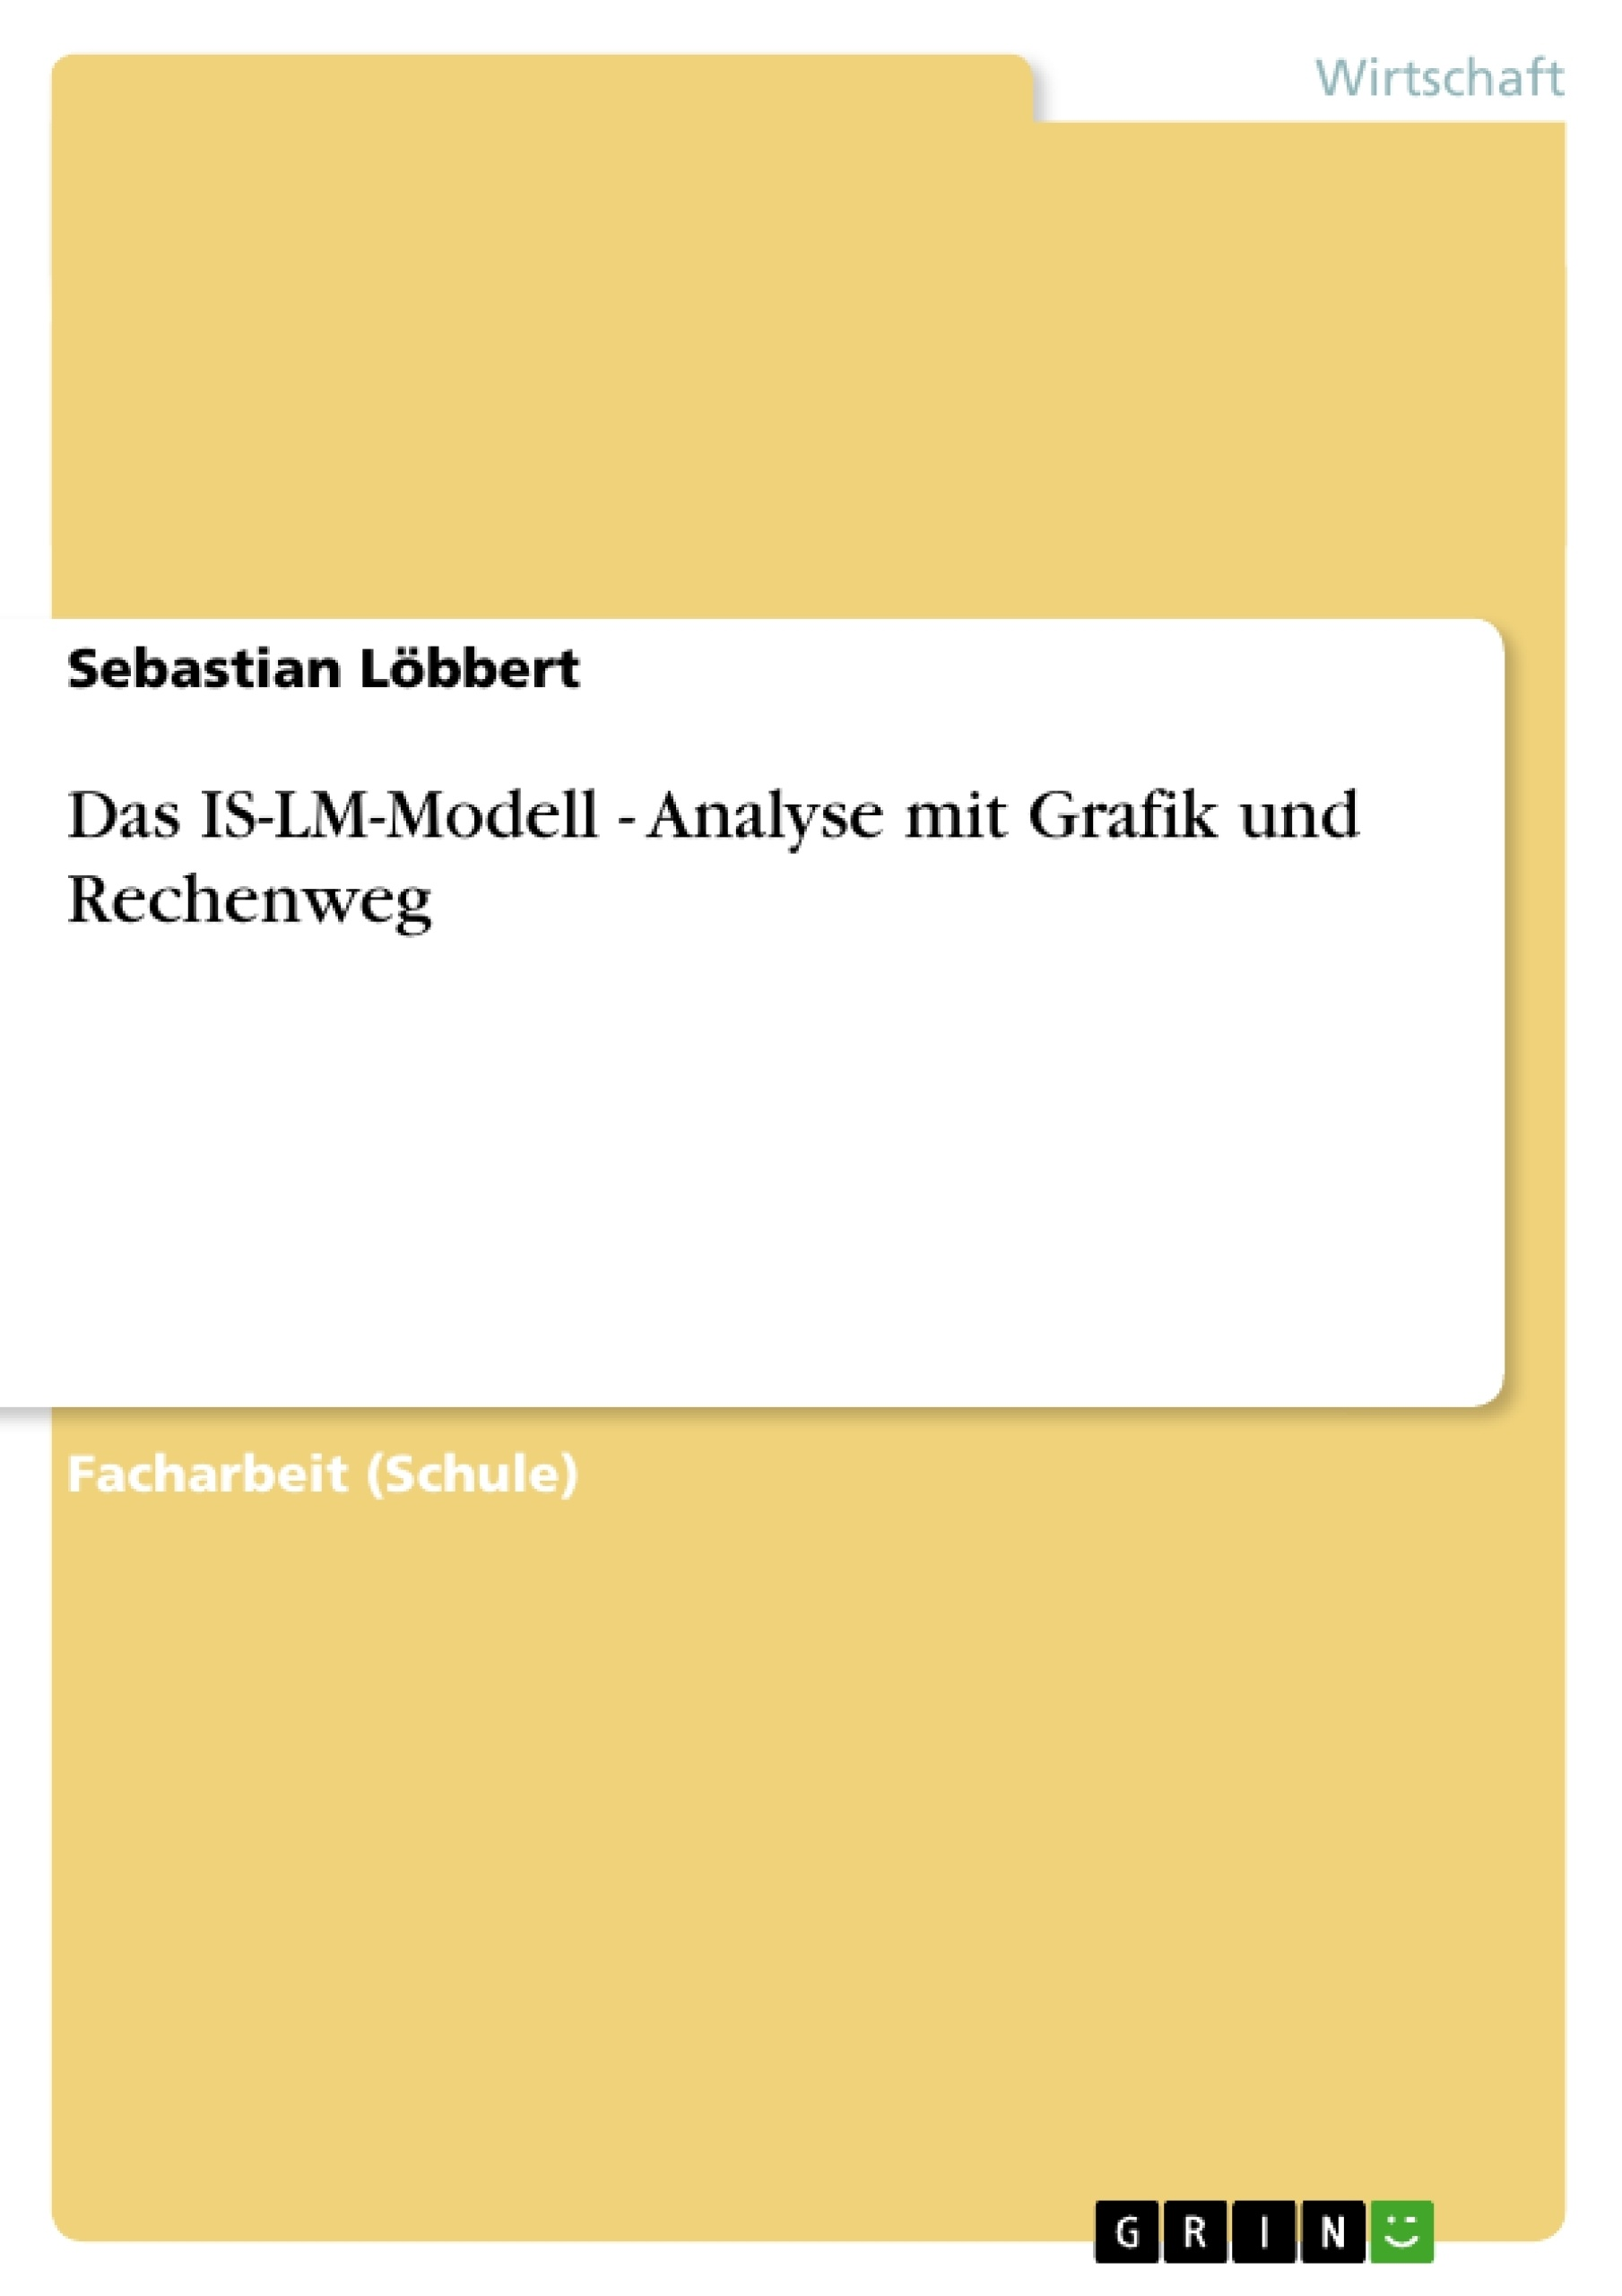 Titel: Das IS-LM-Modell - Analyse mit Grafik und Rechenweg